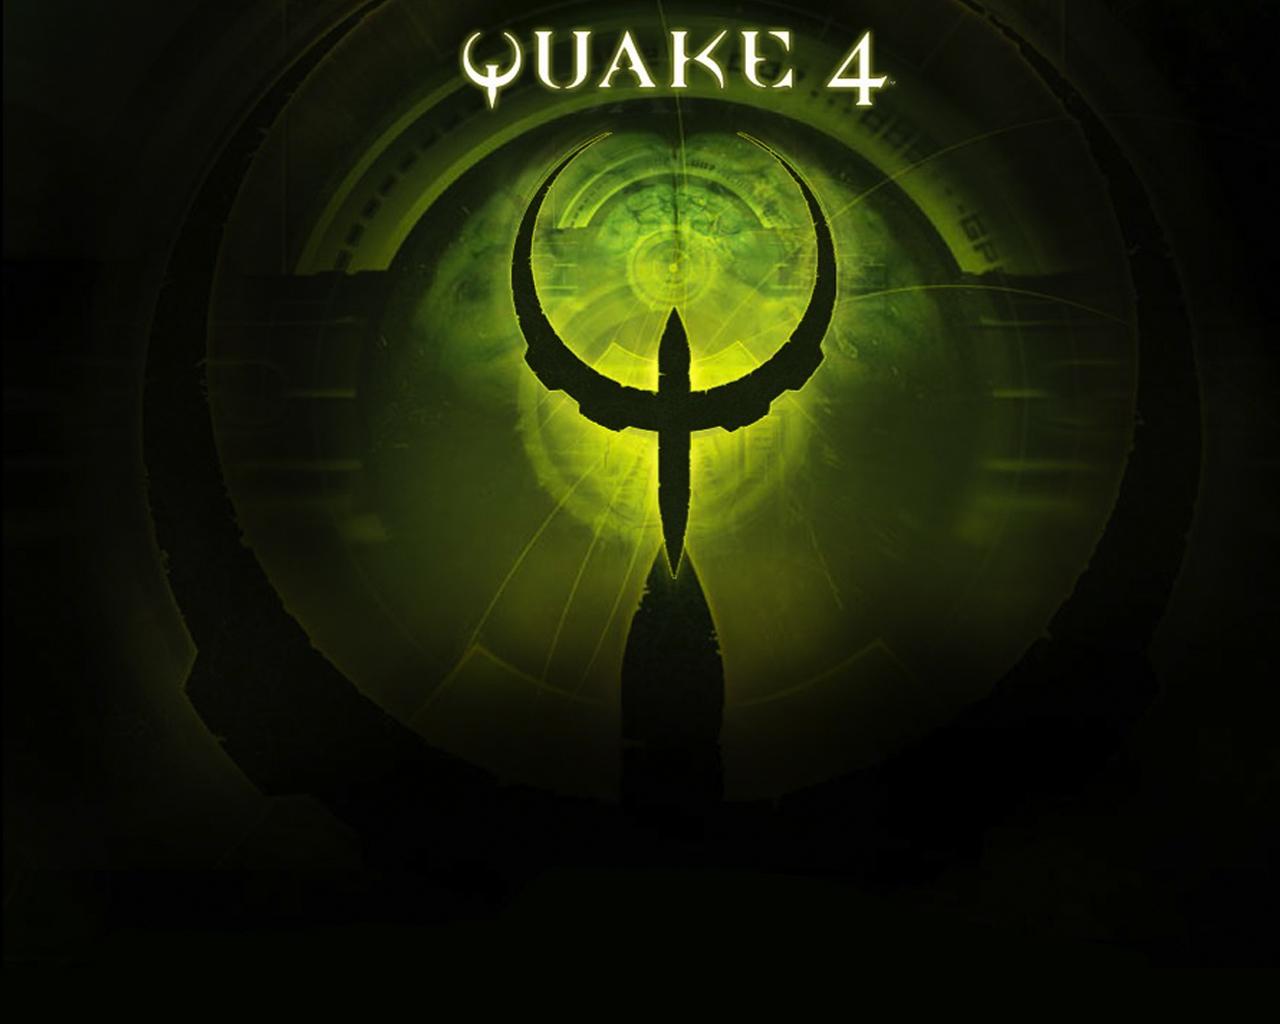 quake4 wallpaper by adan0s fan art wallpaper games 2005 2015 adan0s 1280x1024